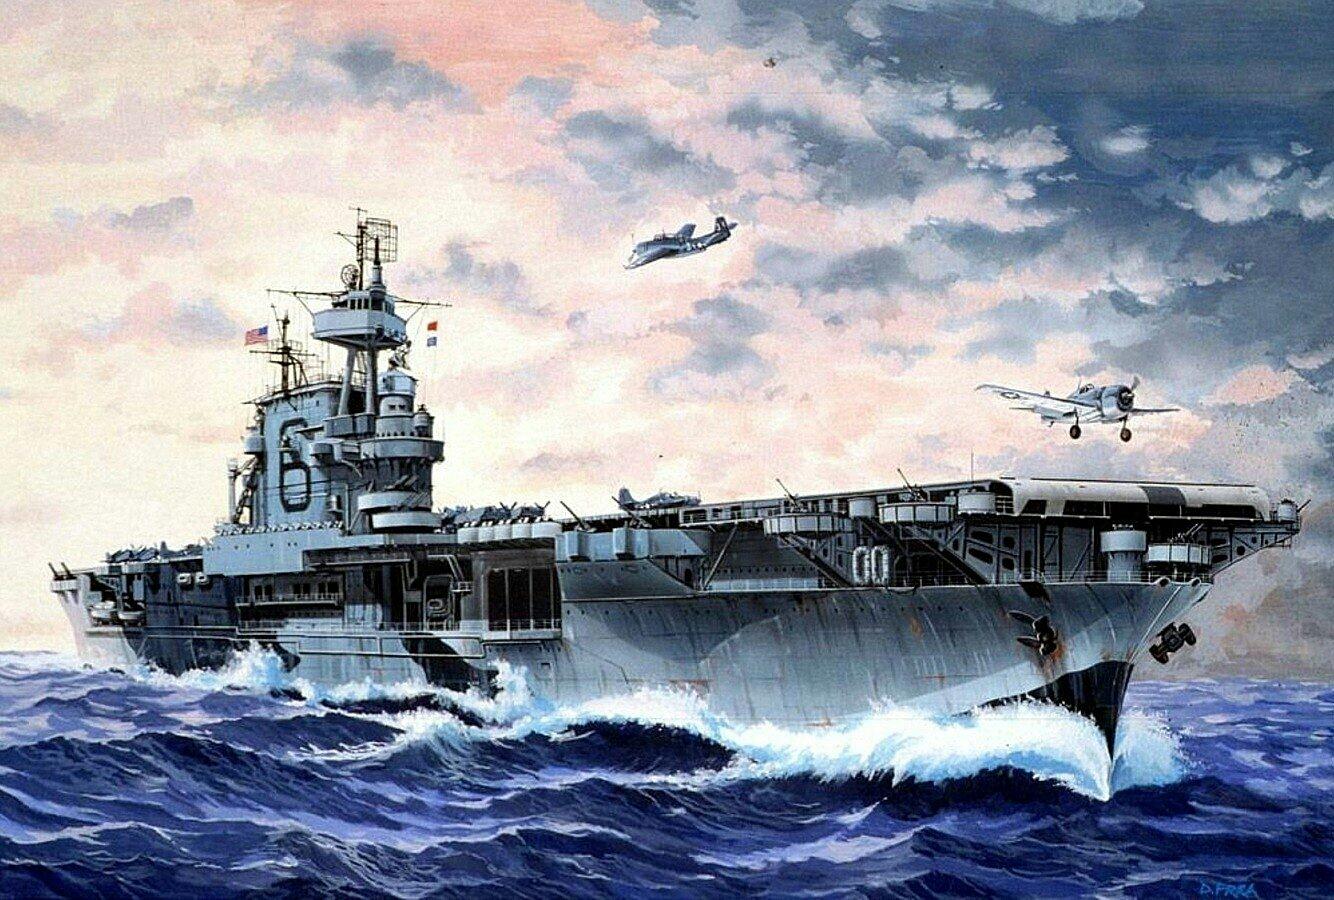 企业号航空母舰